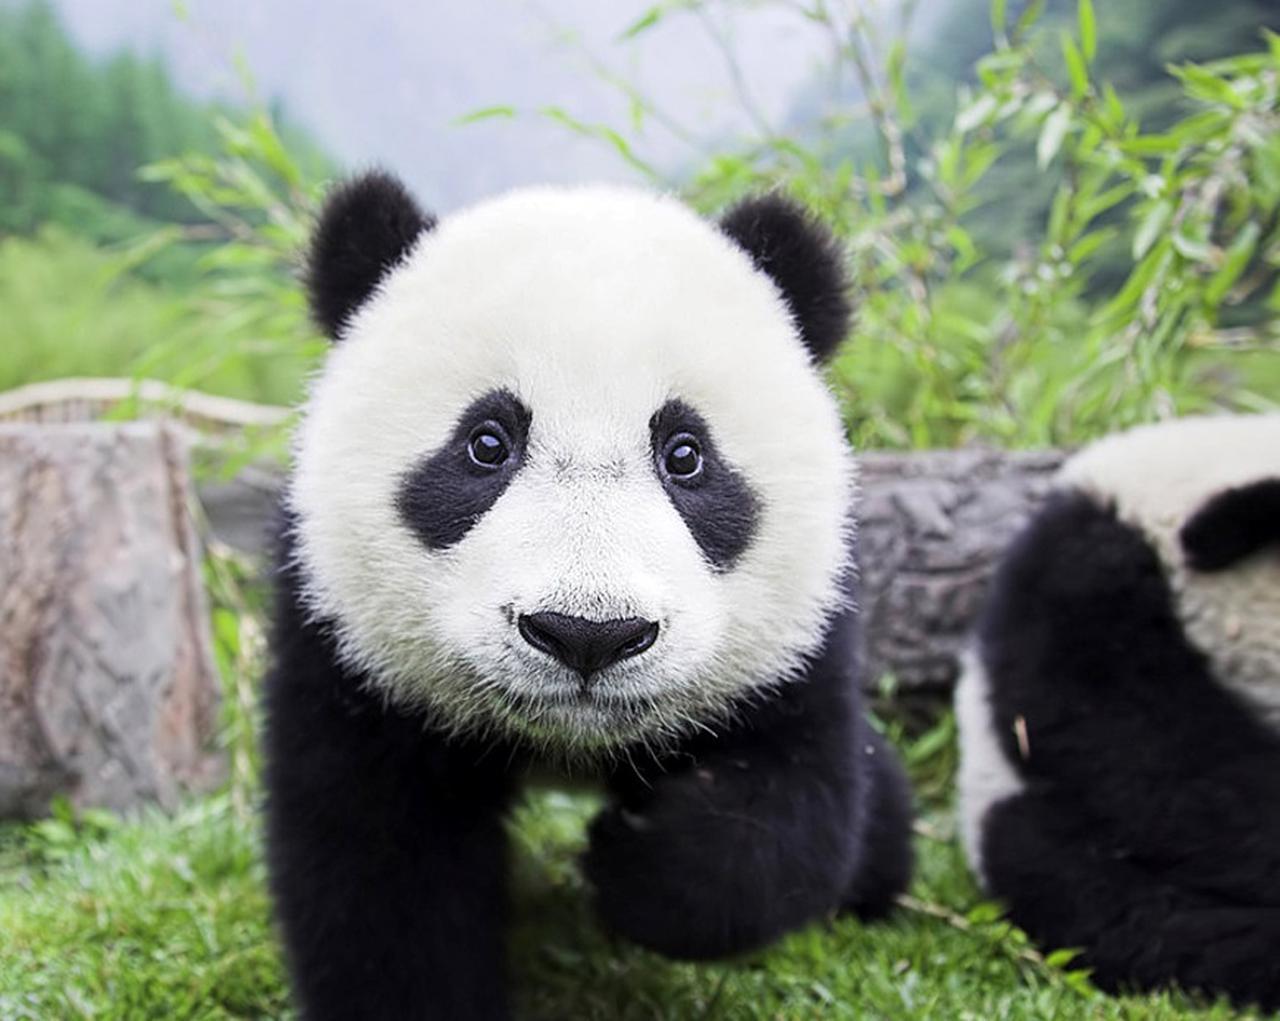 画像2: キュン死注意!ふわふわモフモフ大集合!<第6回> 「パンダのキュンに迫る! 中国」 【好奇心で旅する海外】<来た来た!アニマル>